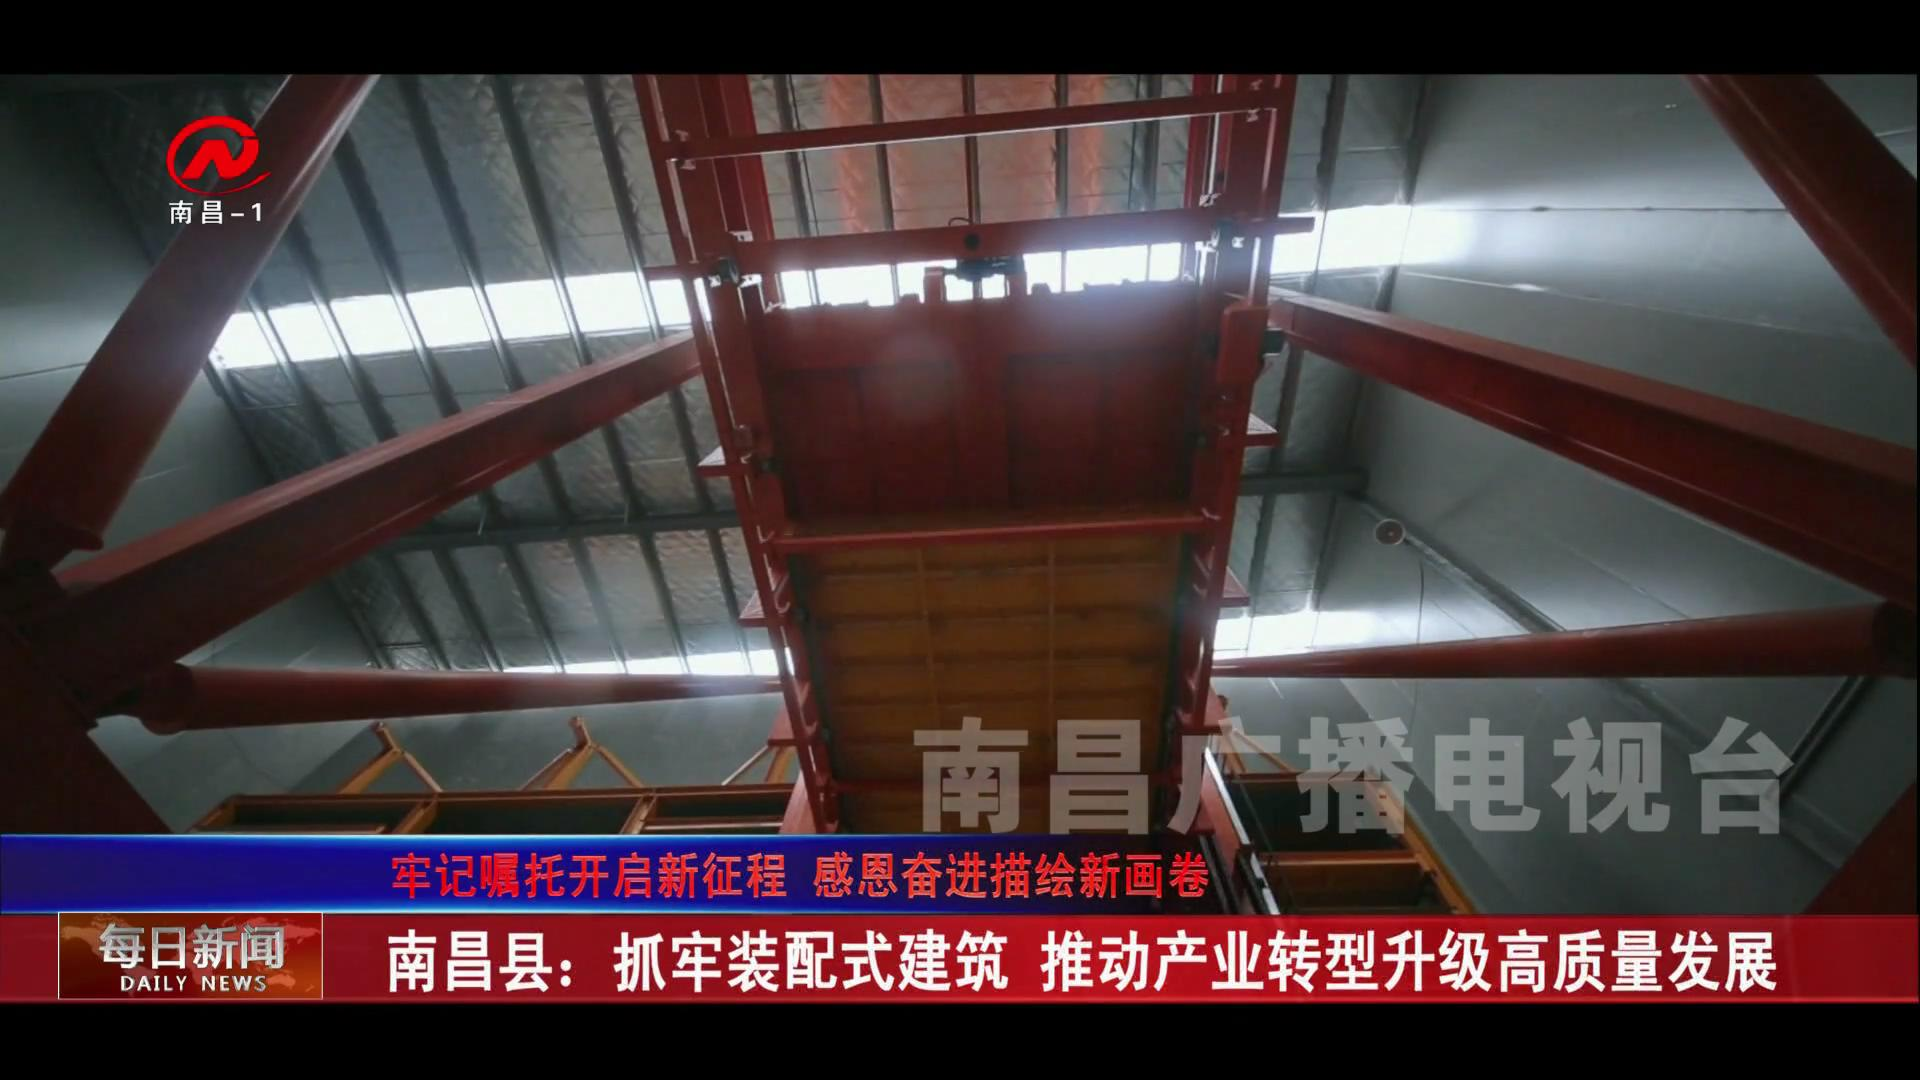 南昌縣:抓牢裝配式建筑  推動產業轉型升級高質量發展